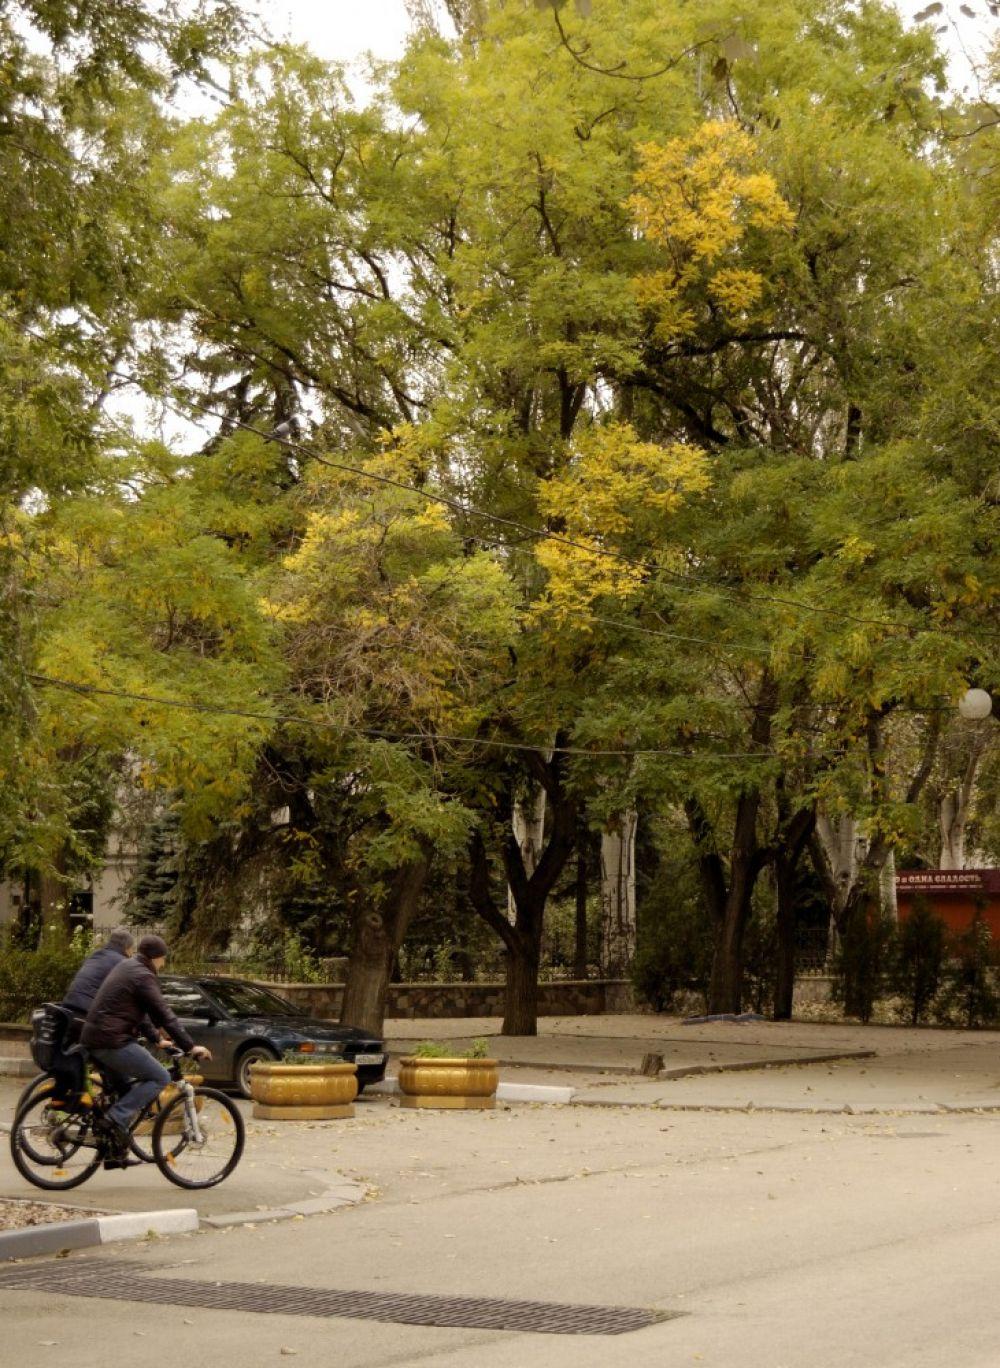 Фоторепортаж дня: Центр Феодосии в октябре